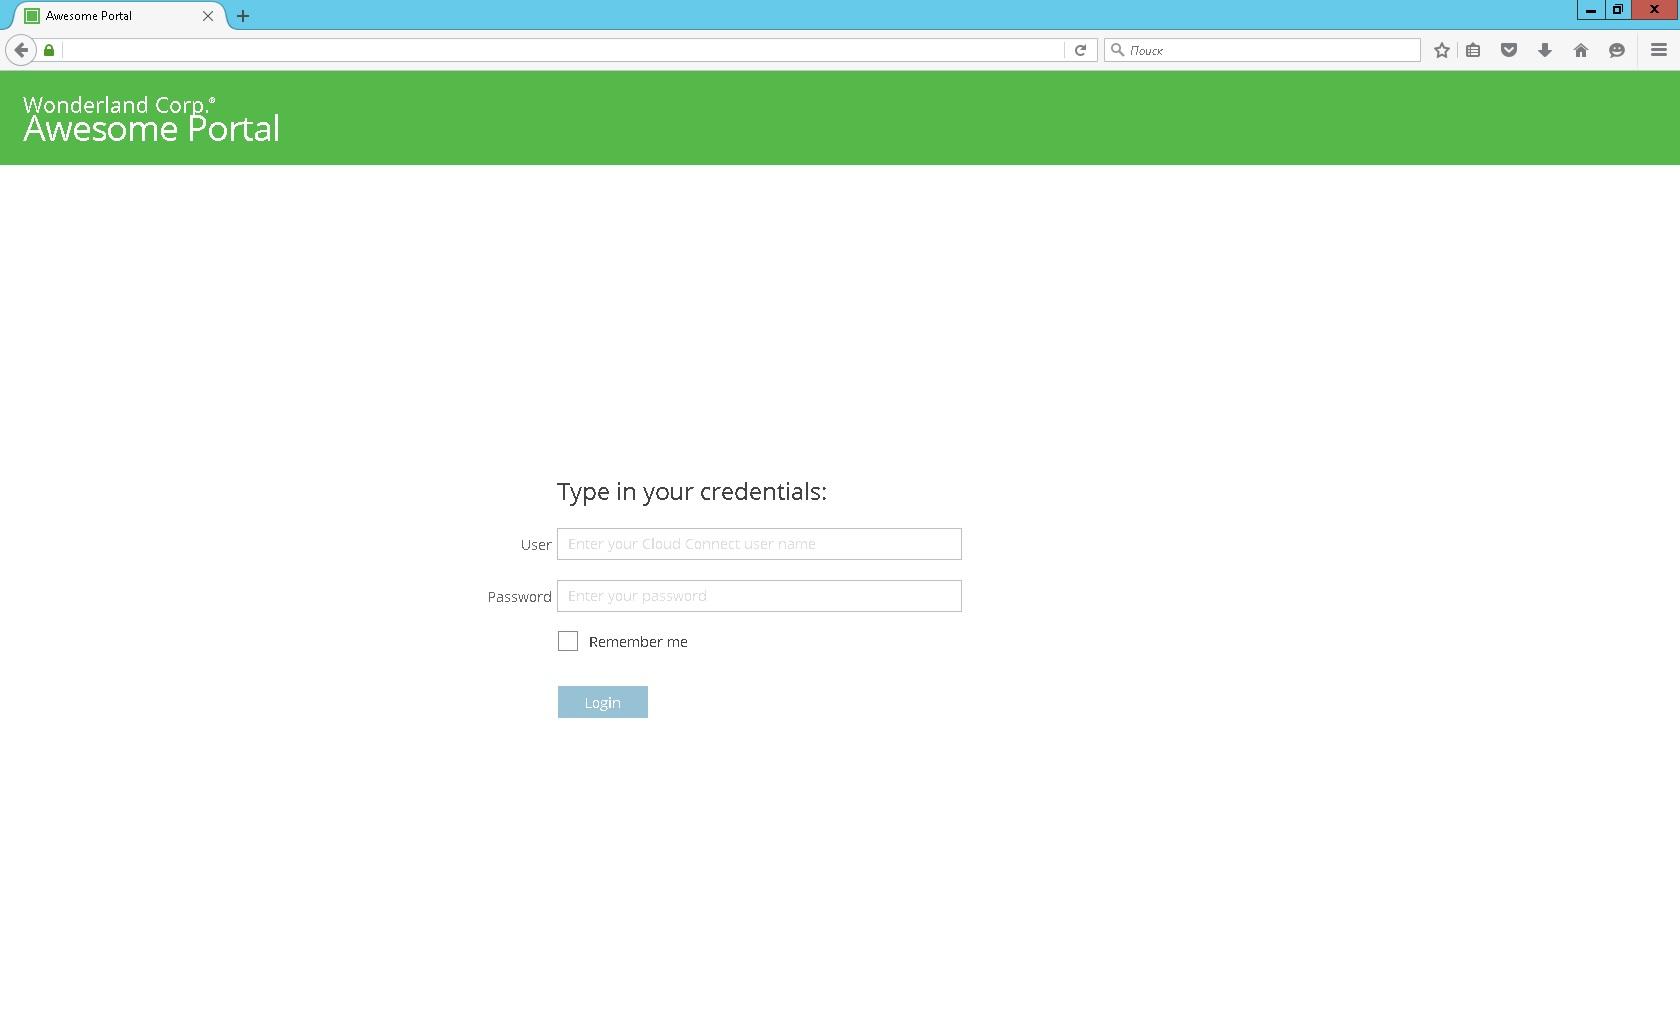 Veeam Cloud Connect Portal